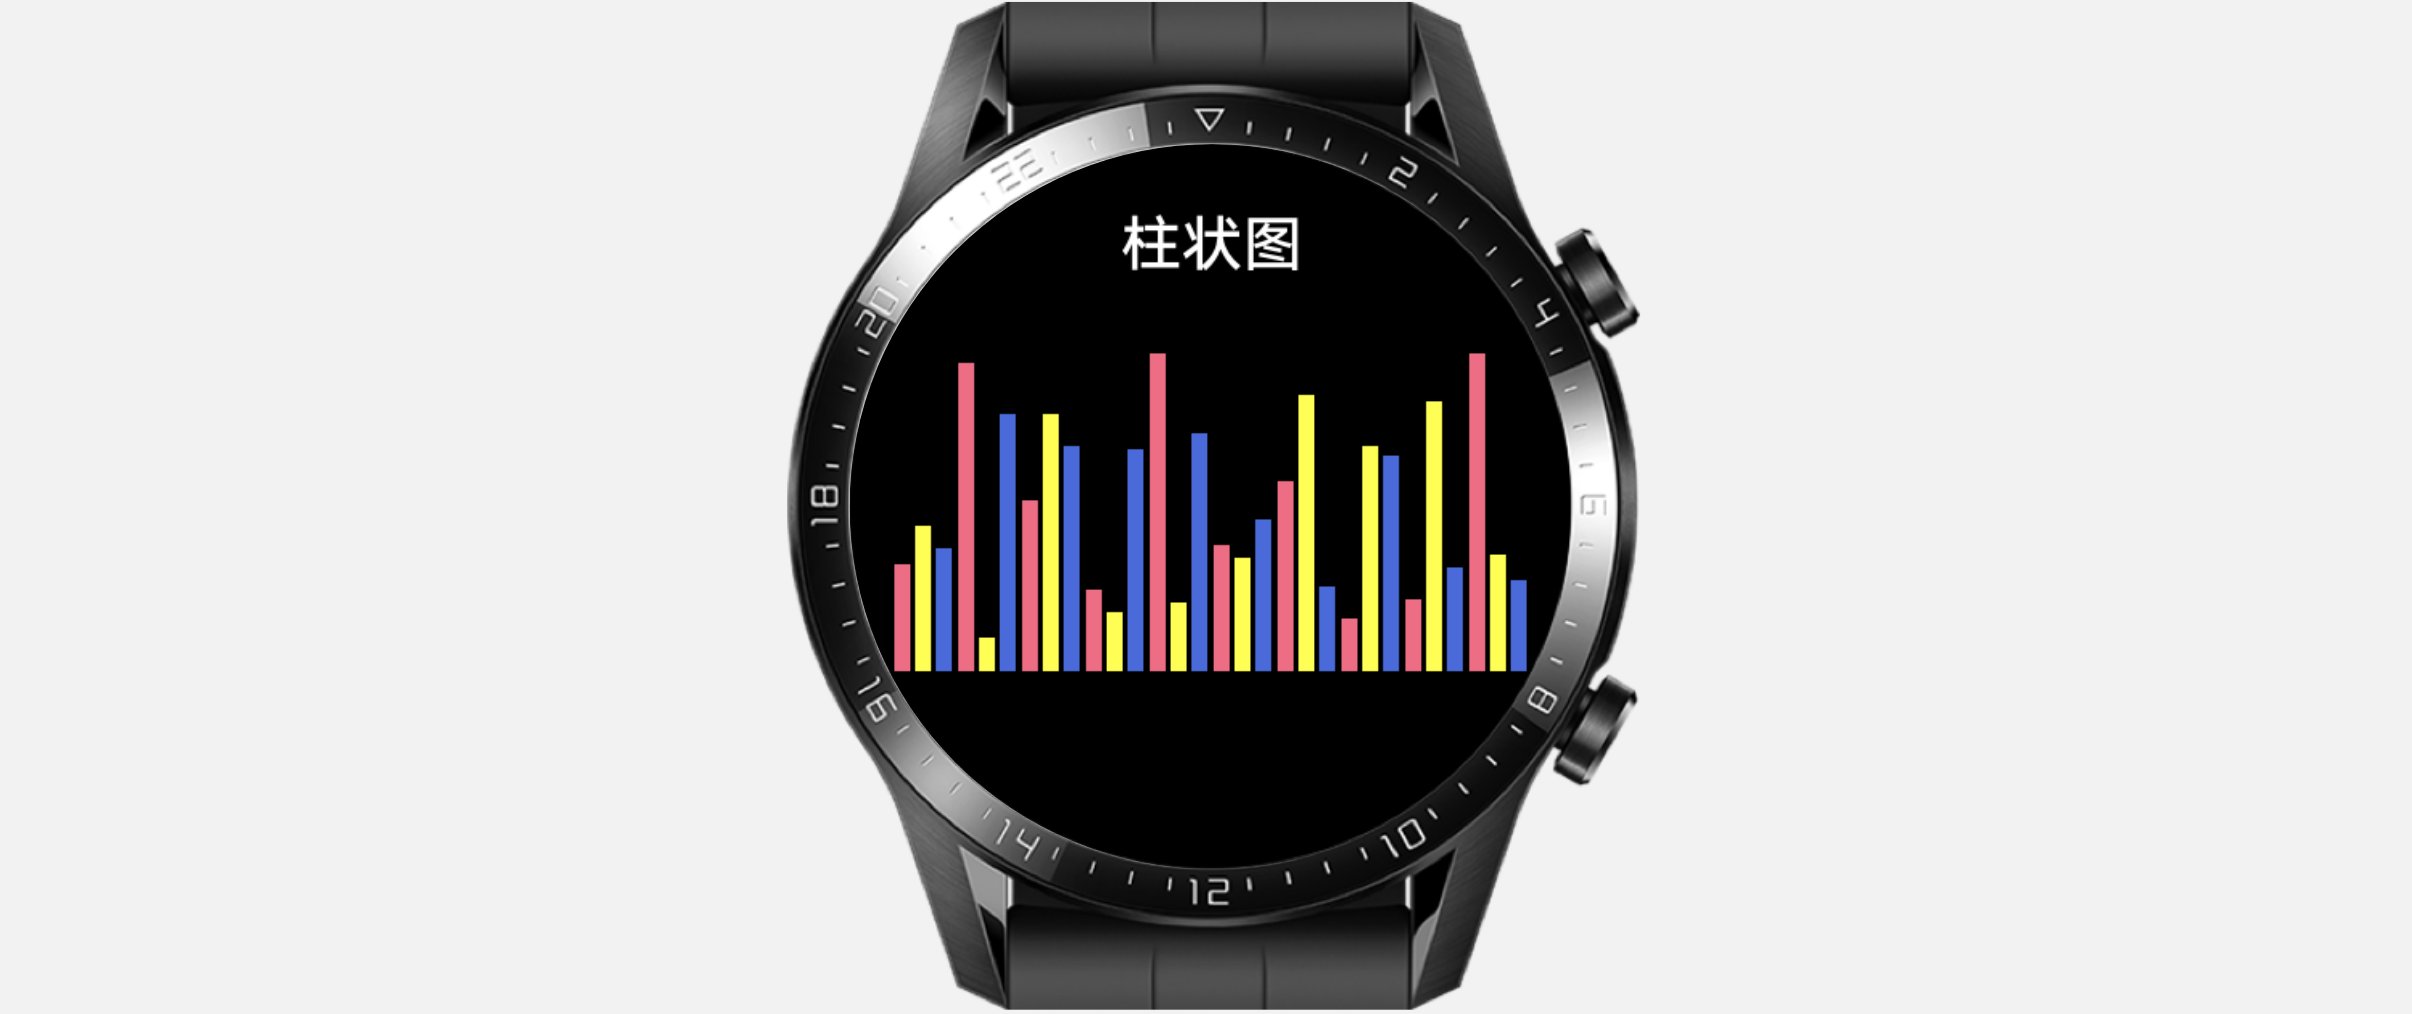 #2020征文-手表#【图解鸿蒙】使用绘图组件Canvas绘制柱状图